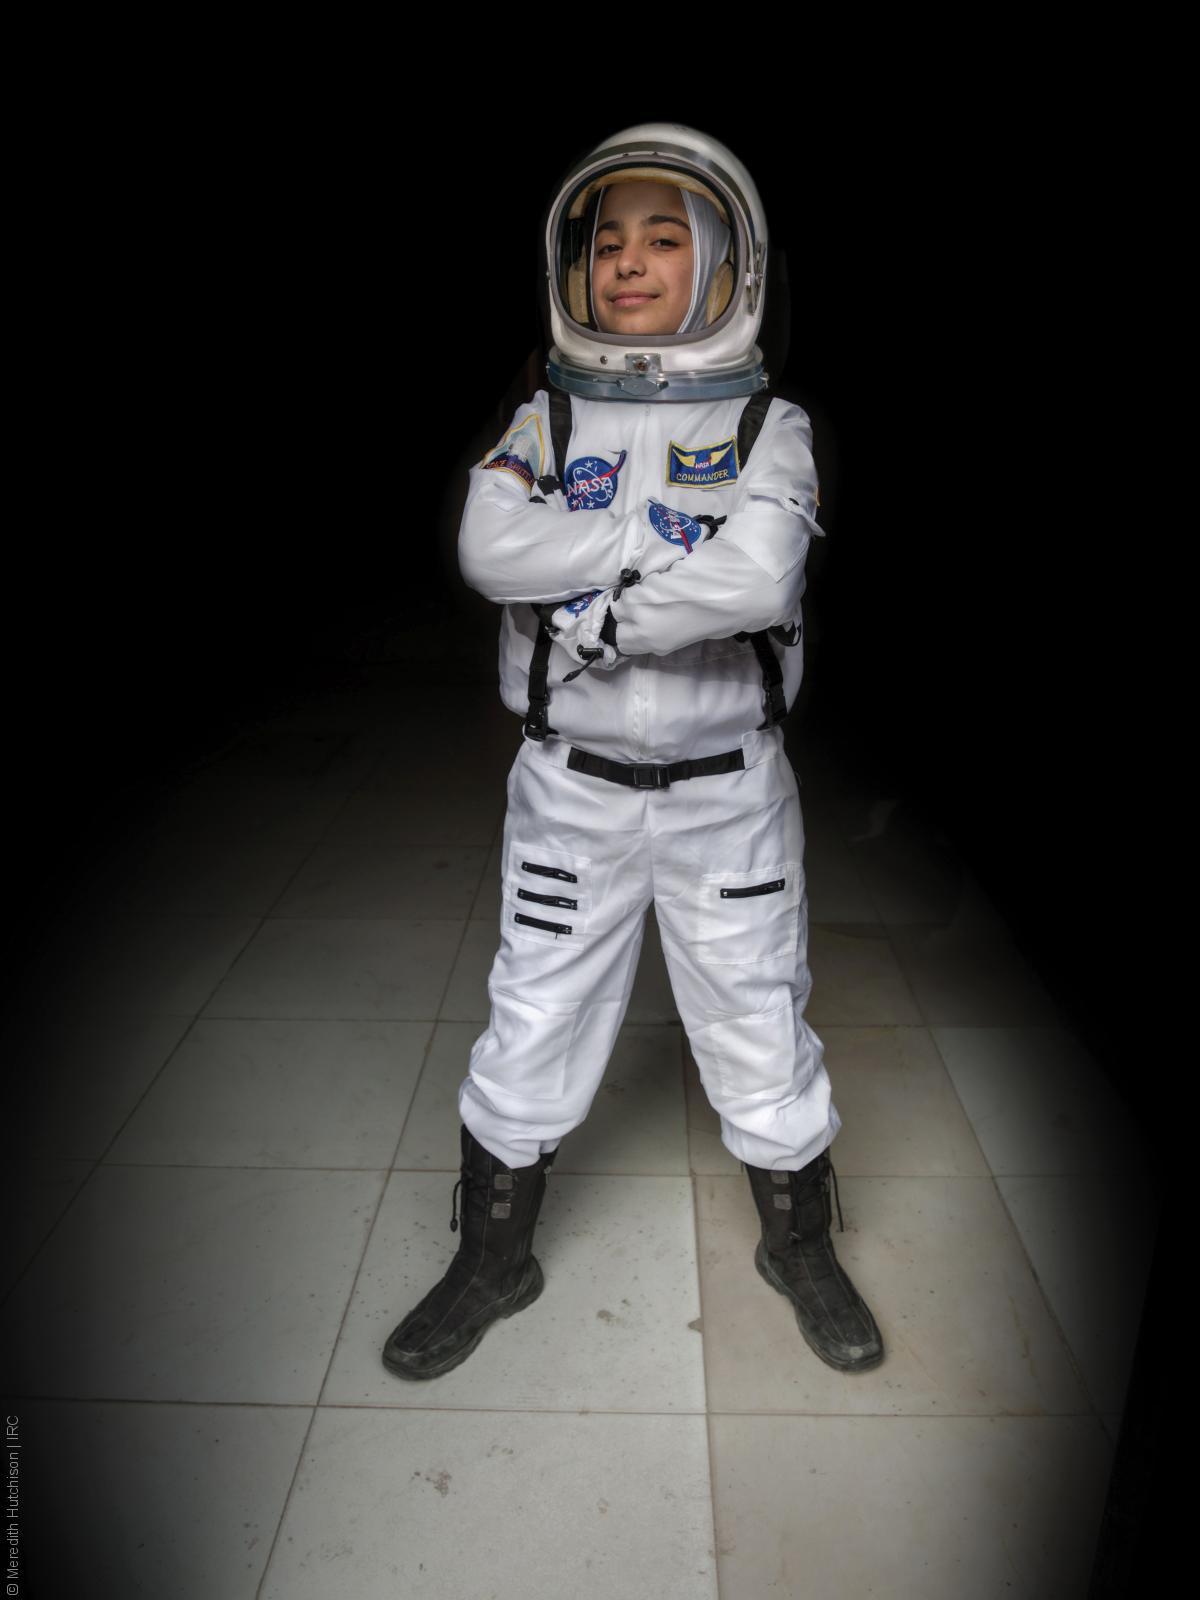 فتيات لاجئات - طفل سوري بلباس رائد فضاء